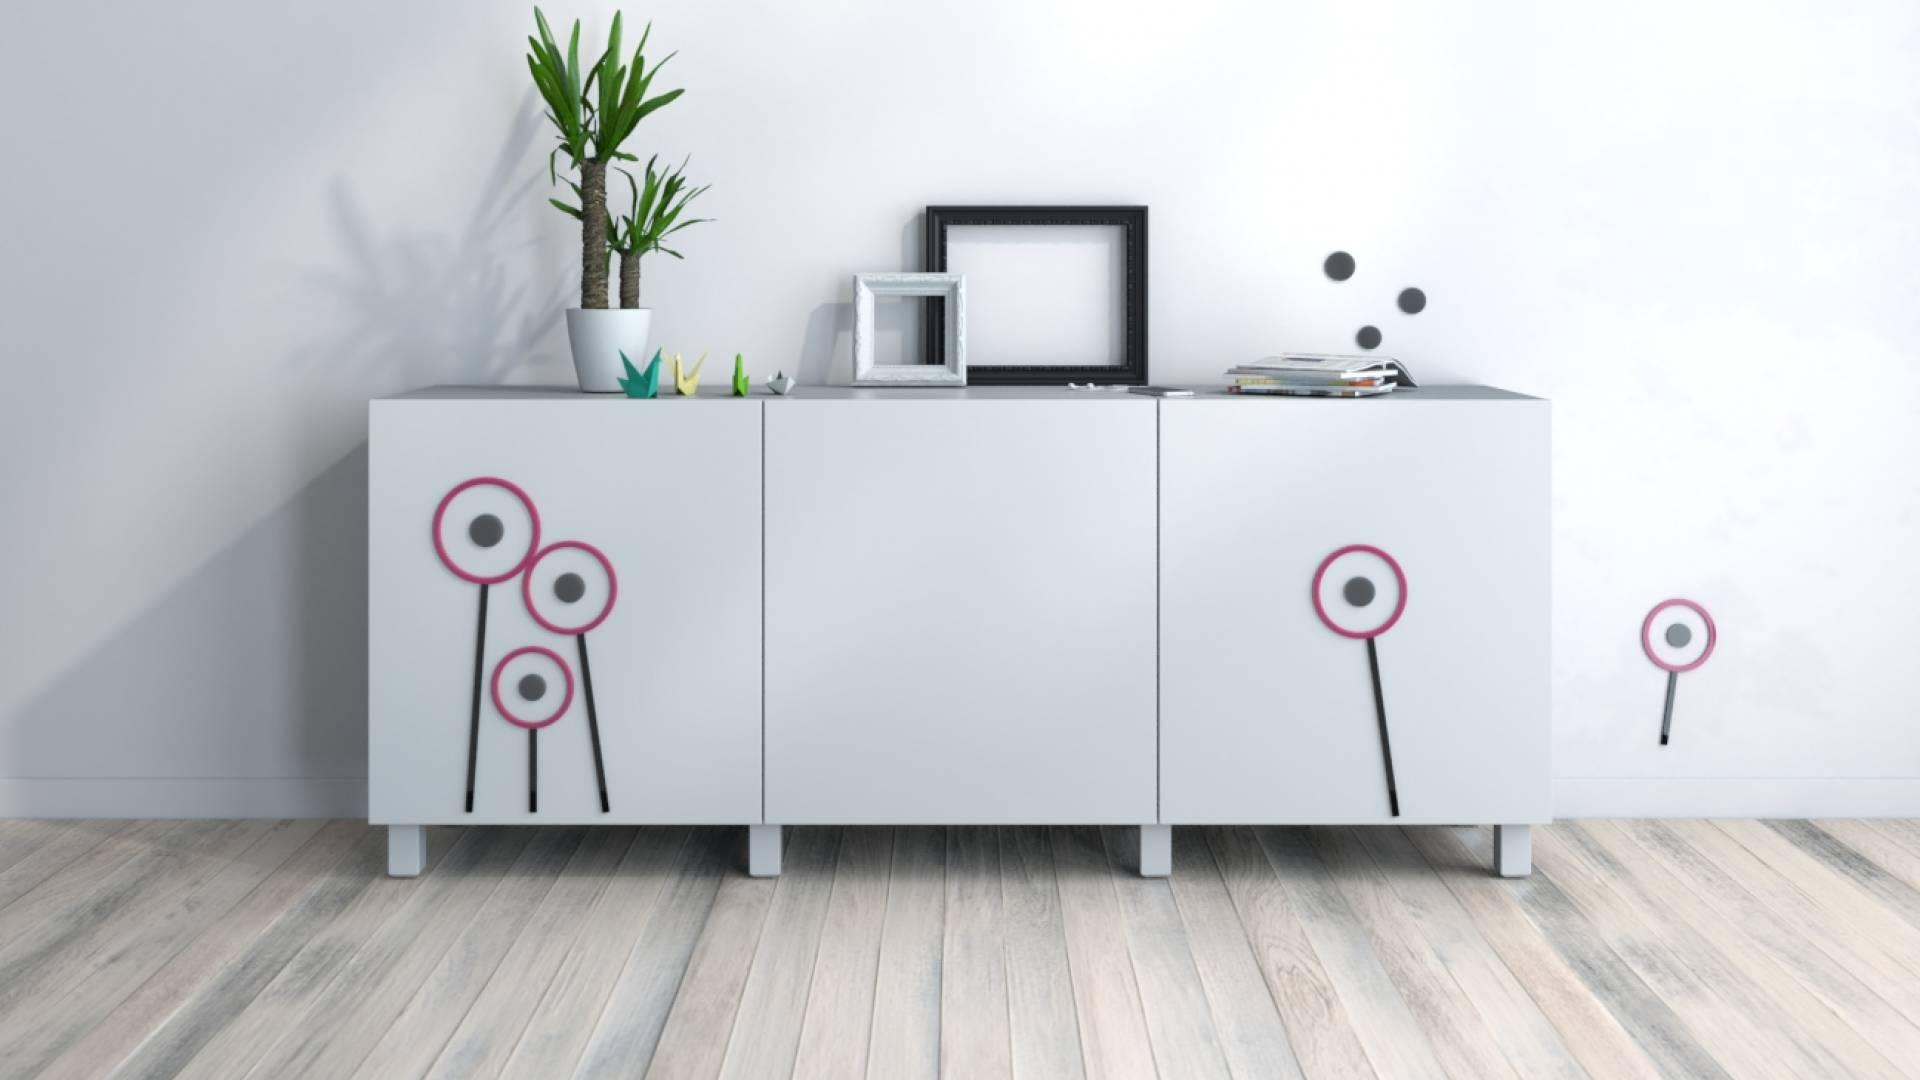 Full Size of Individuell Gestalten Elios Ikea Miniküche Sofa Mit Schlaffunktion Betten 160x200 Küche Kosten Modulküche Kaufen Anrichte Bei Wohnzimmer Anrichte Ikea